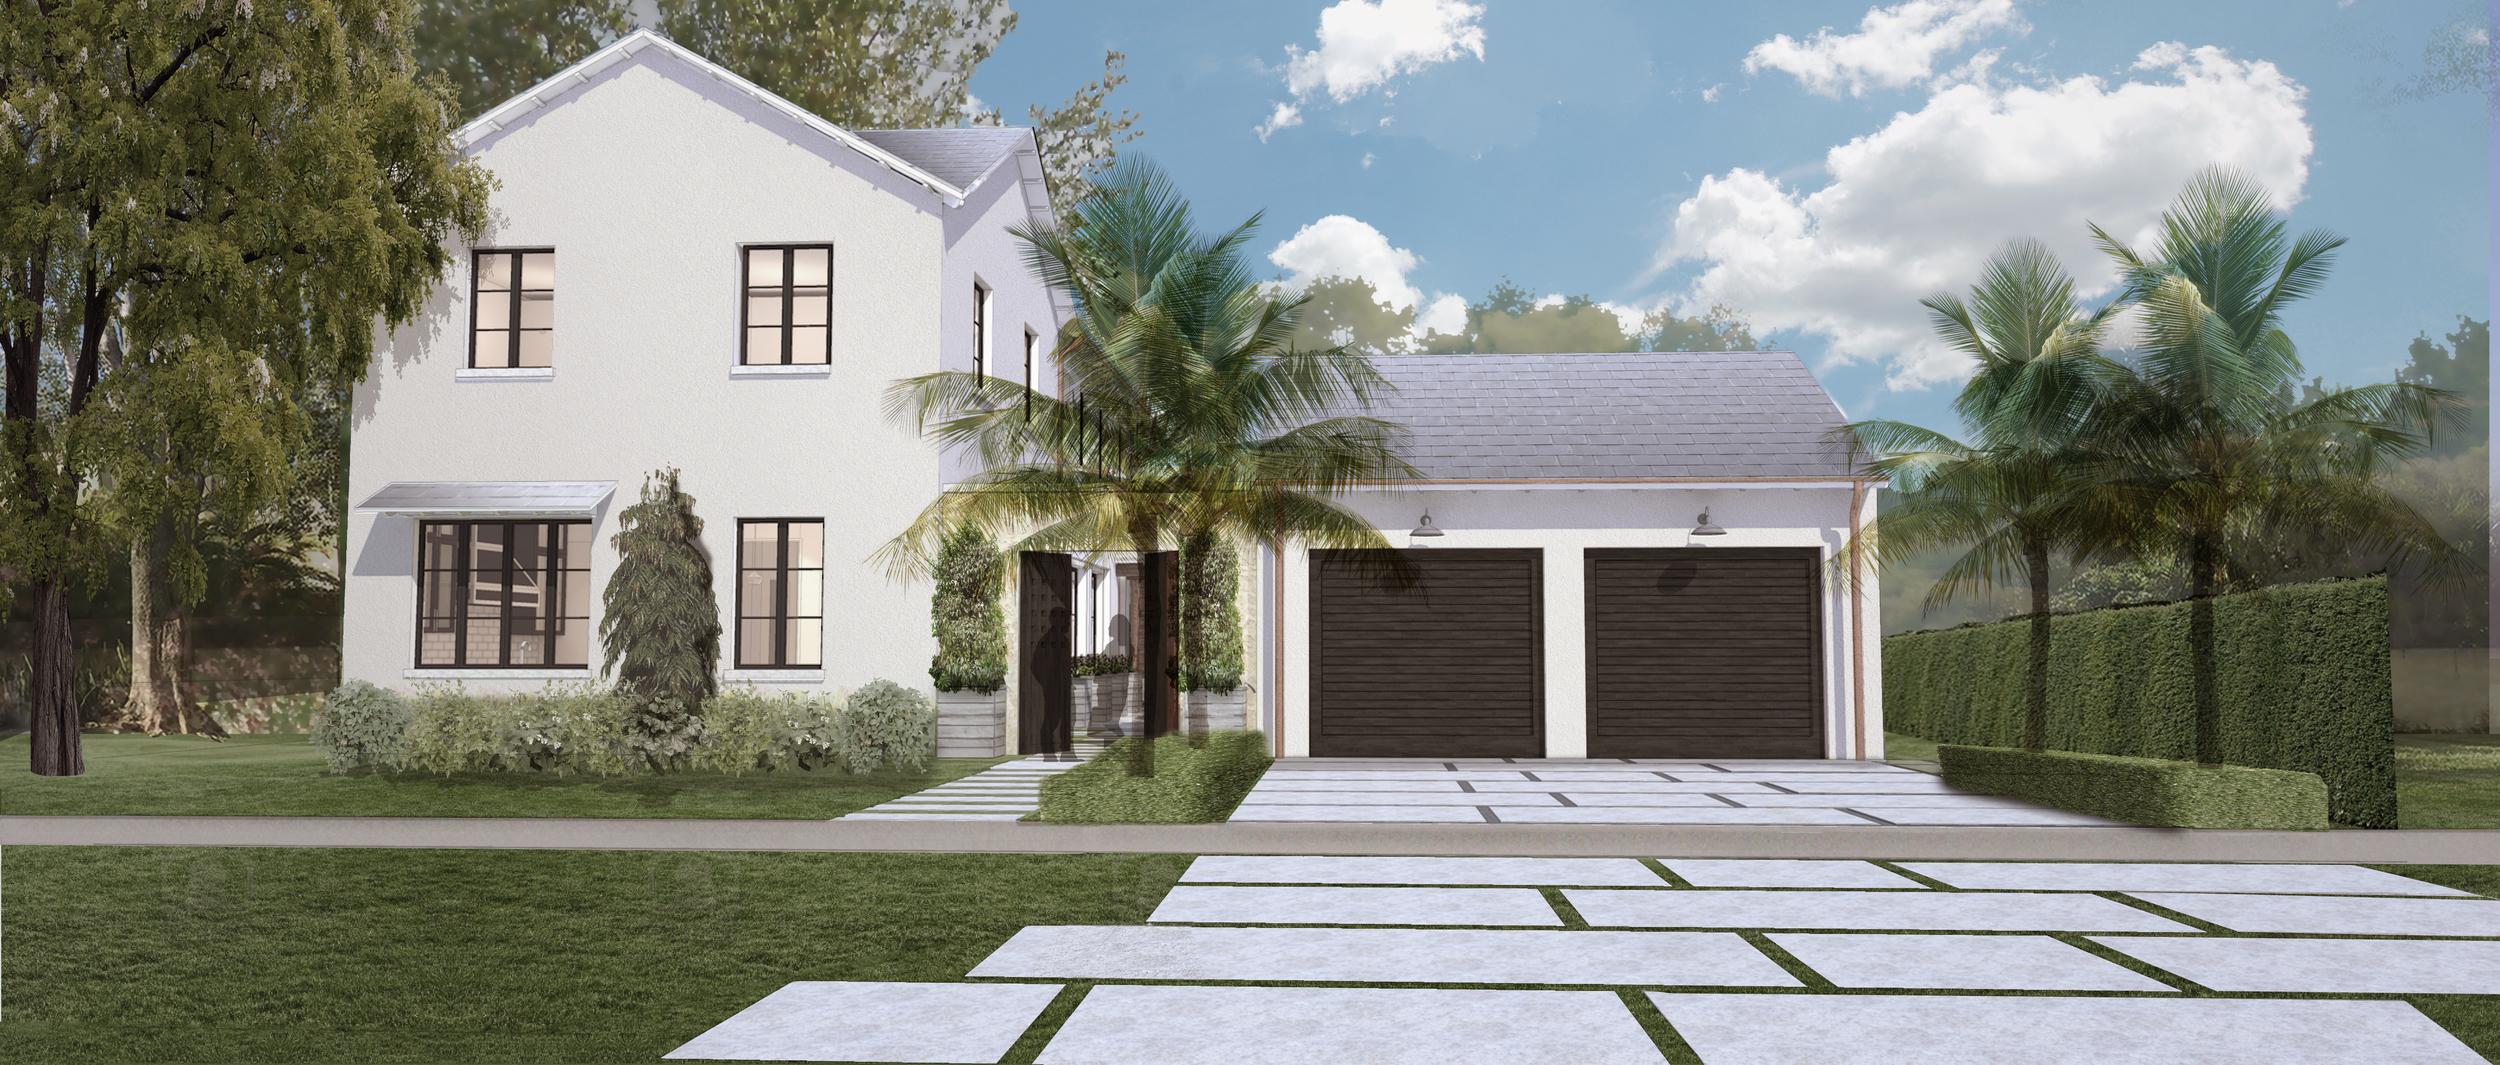 Escobar House - Coral Gables, Florida Exterior